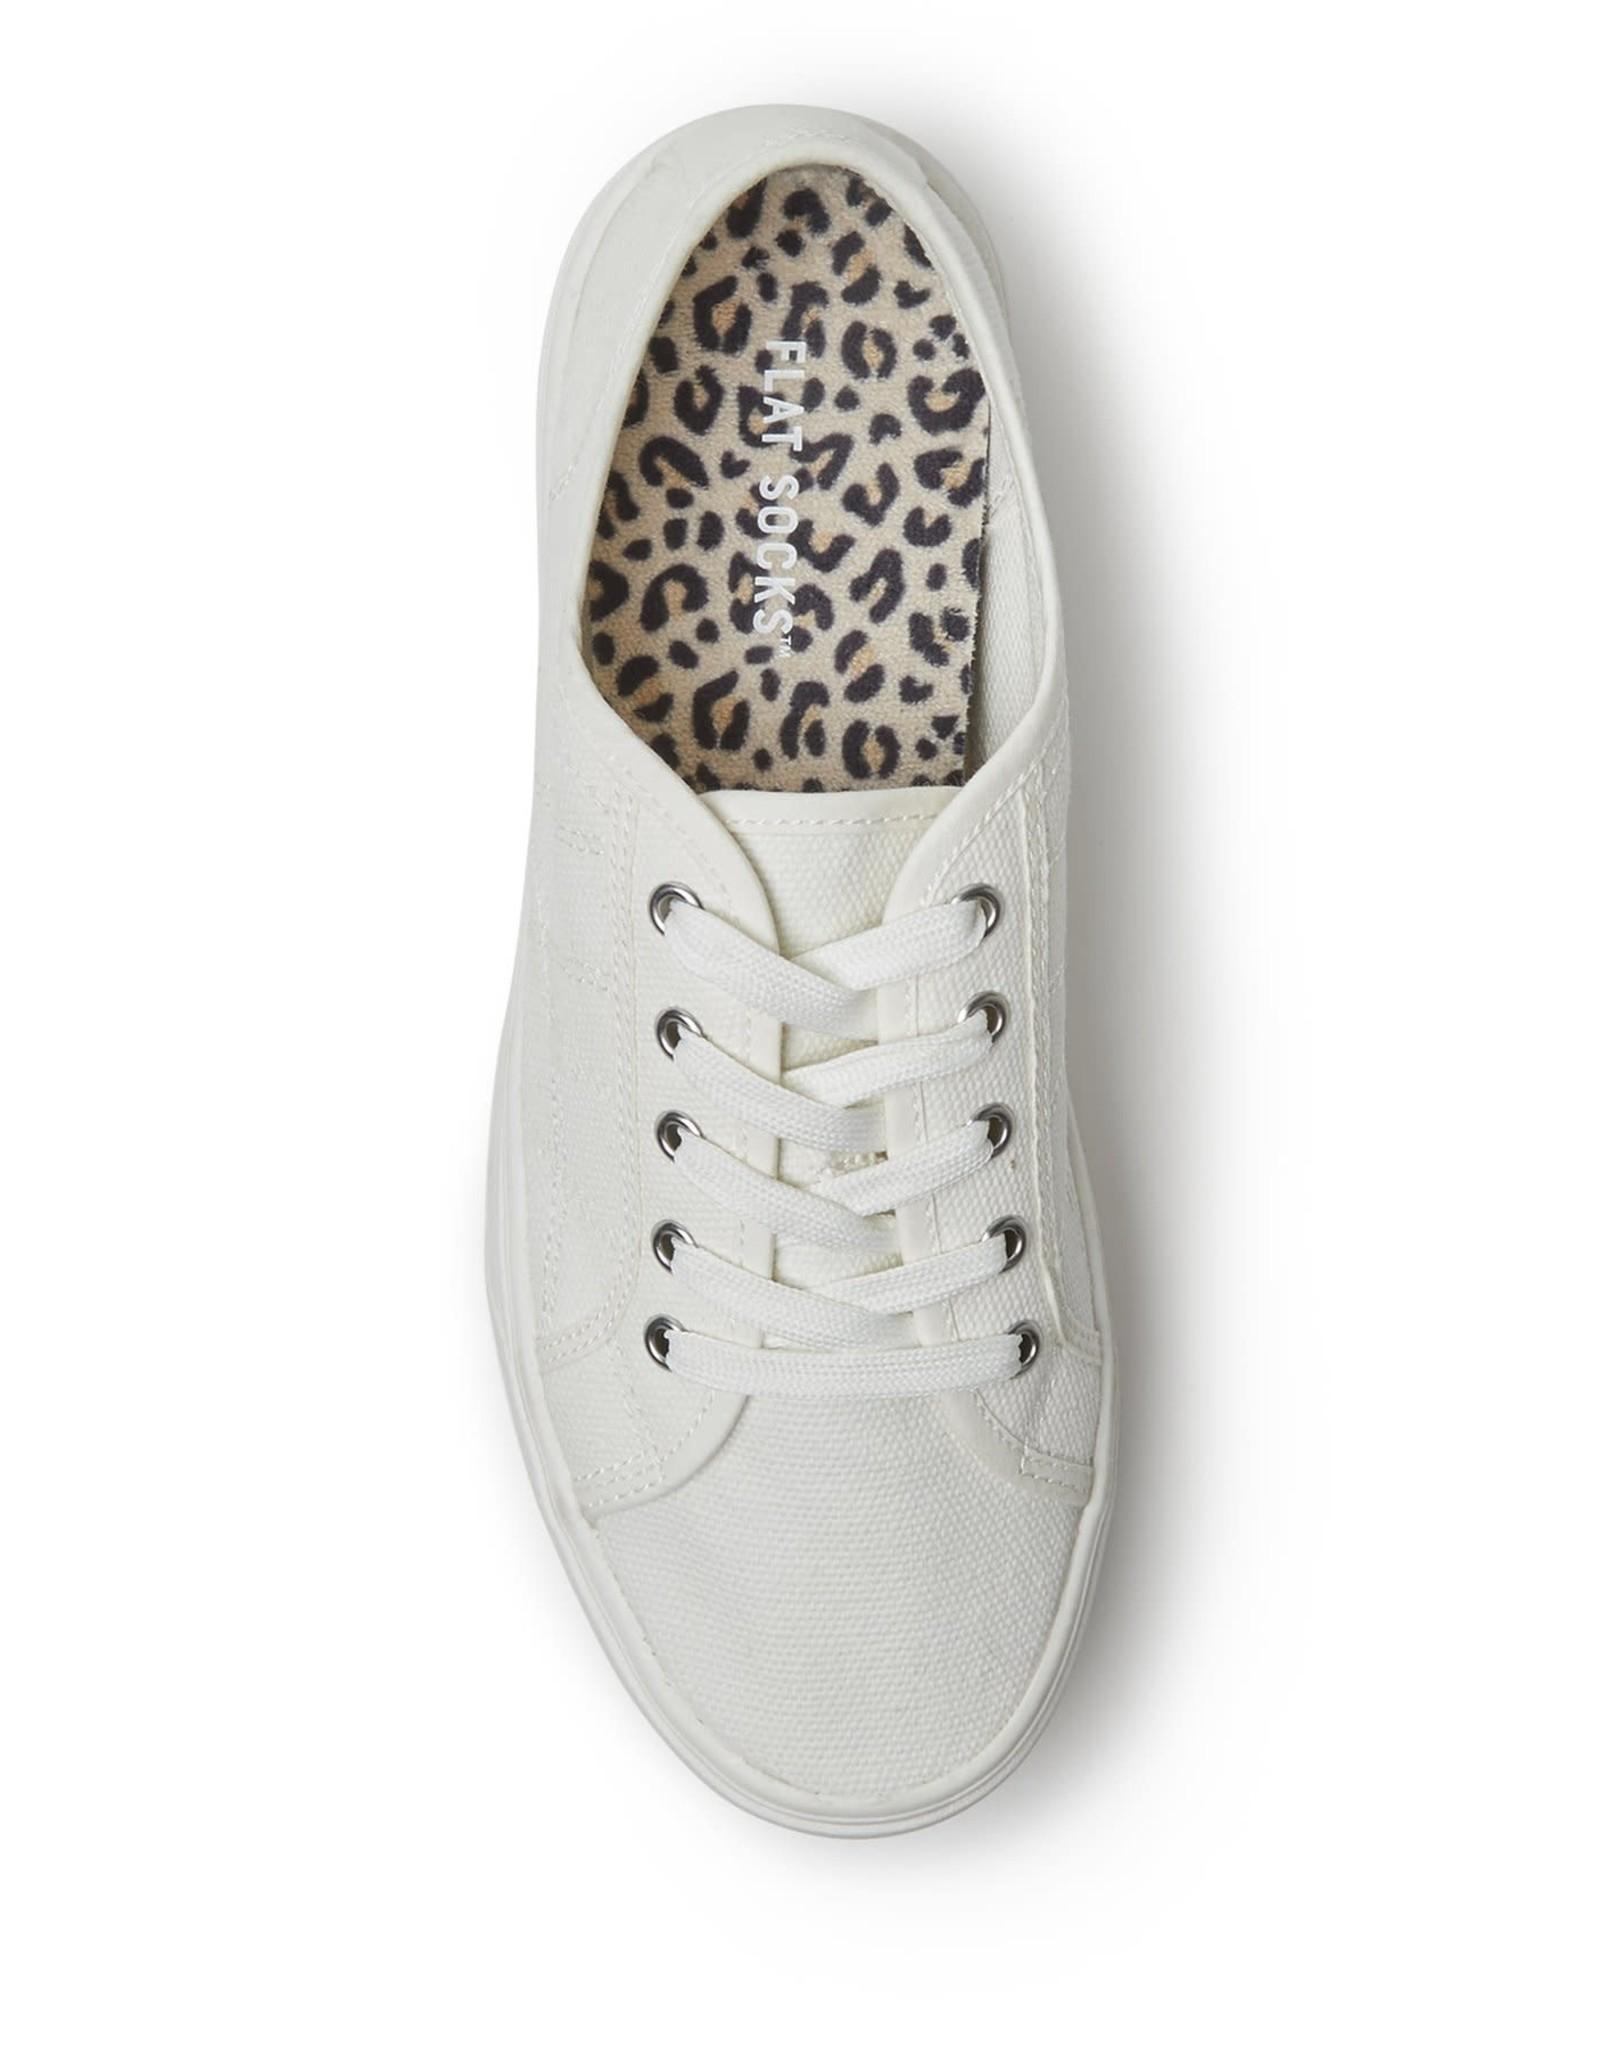 - Leopard Flat Socks